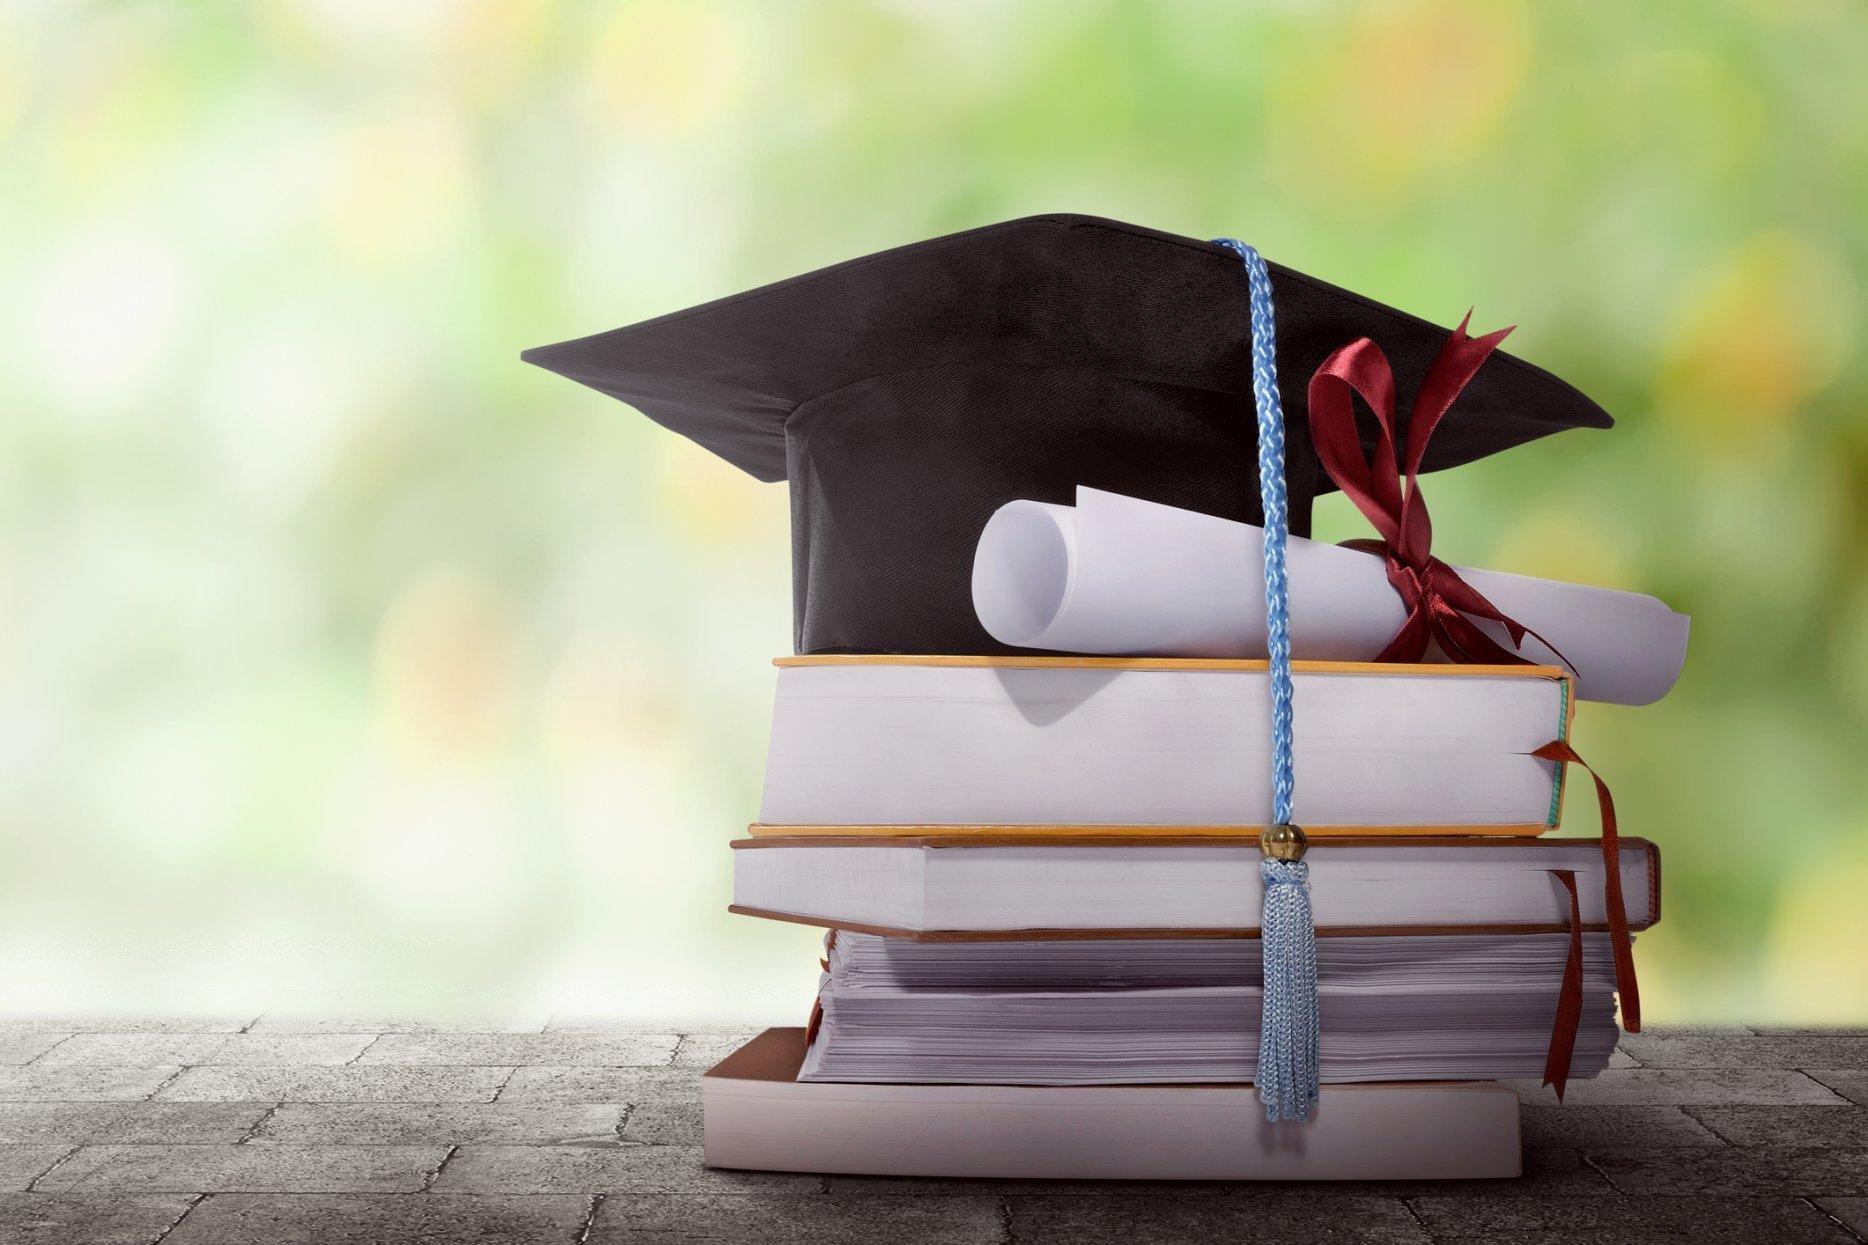 24 azərbaycanlı Çində təhsil almaq imkanı qazandı